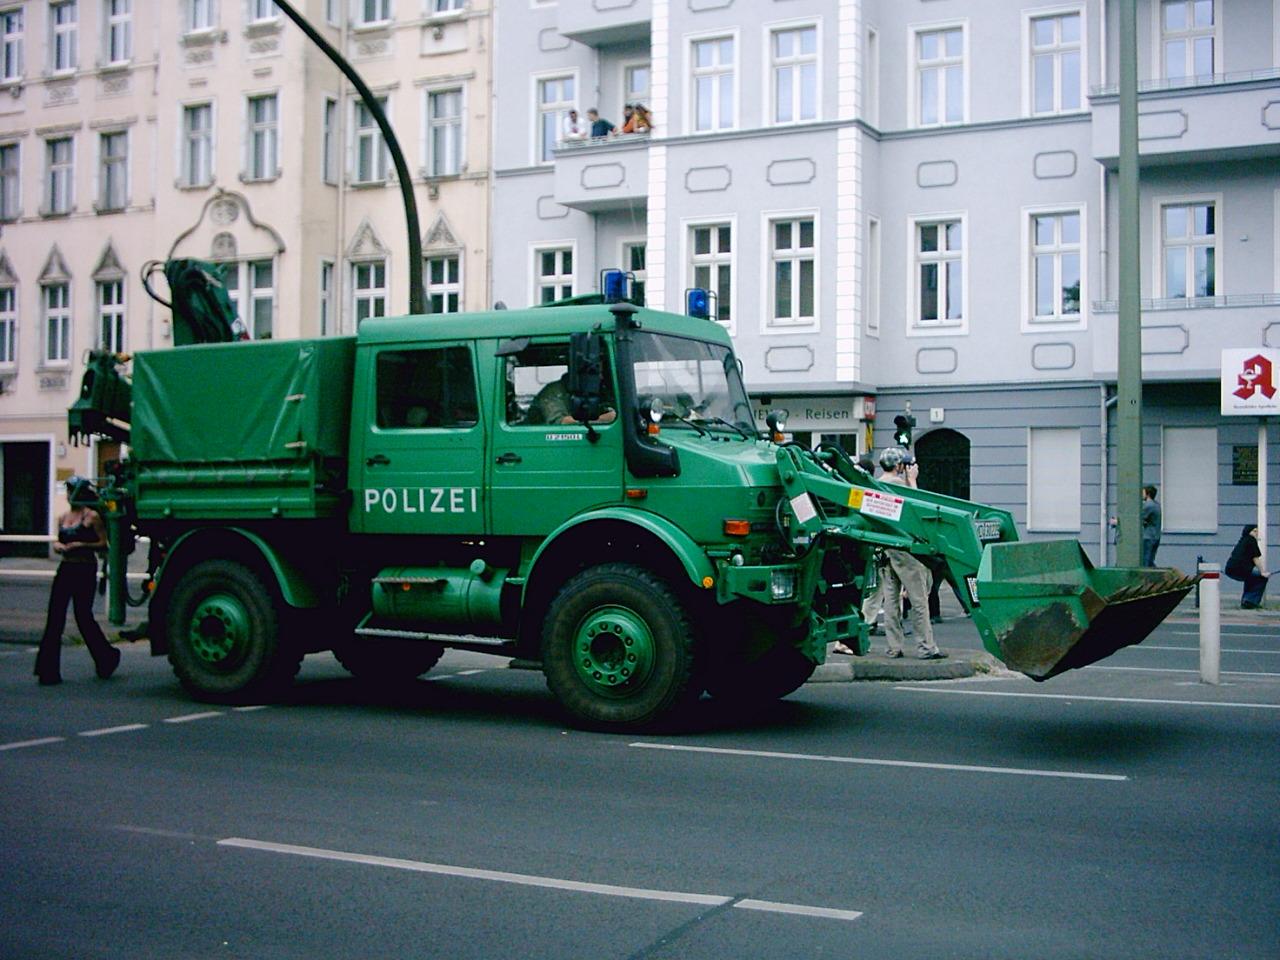 ImageImage:Unimog Polizei Berlin